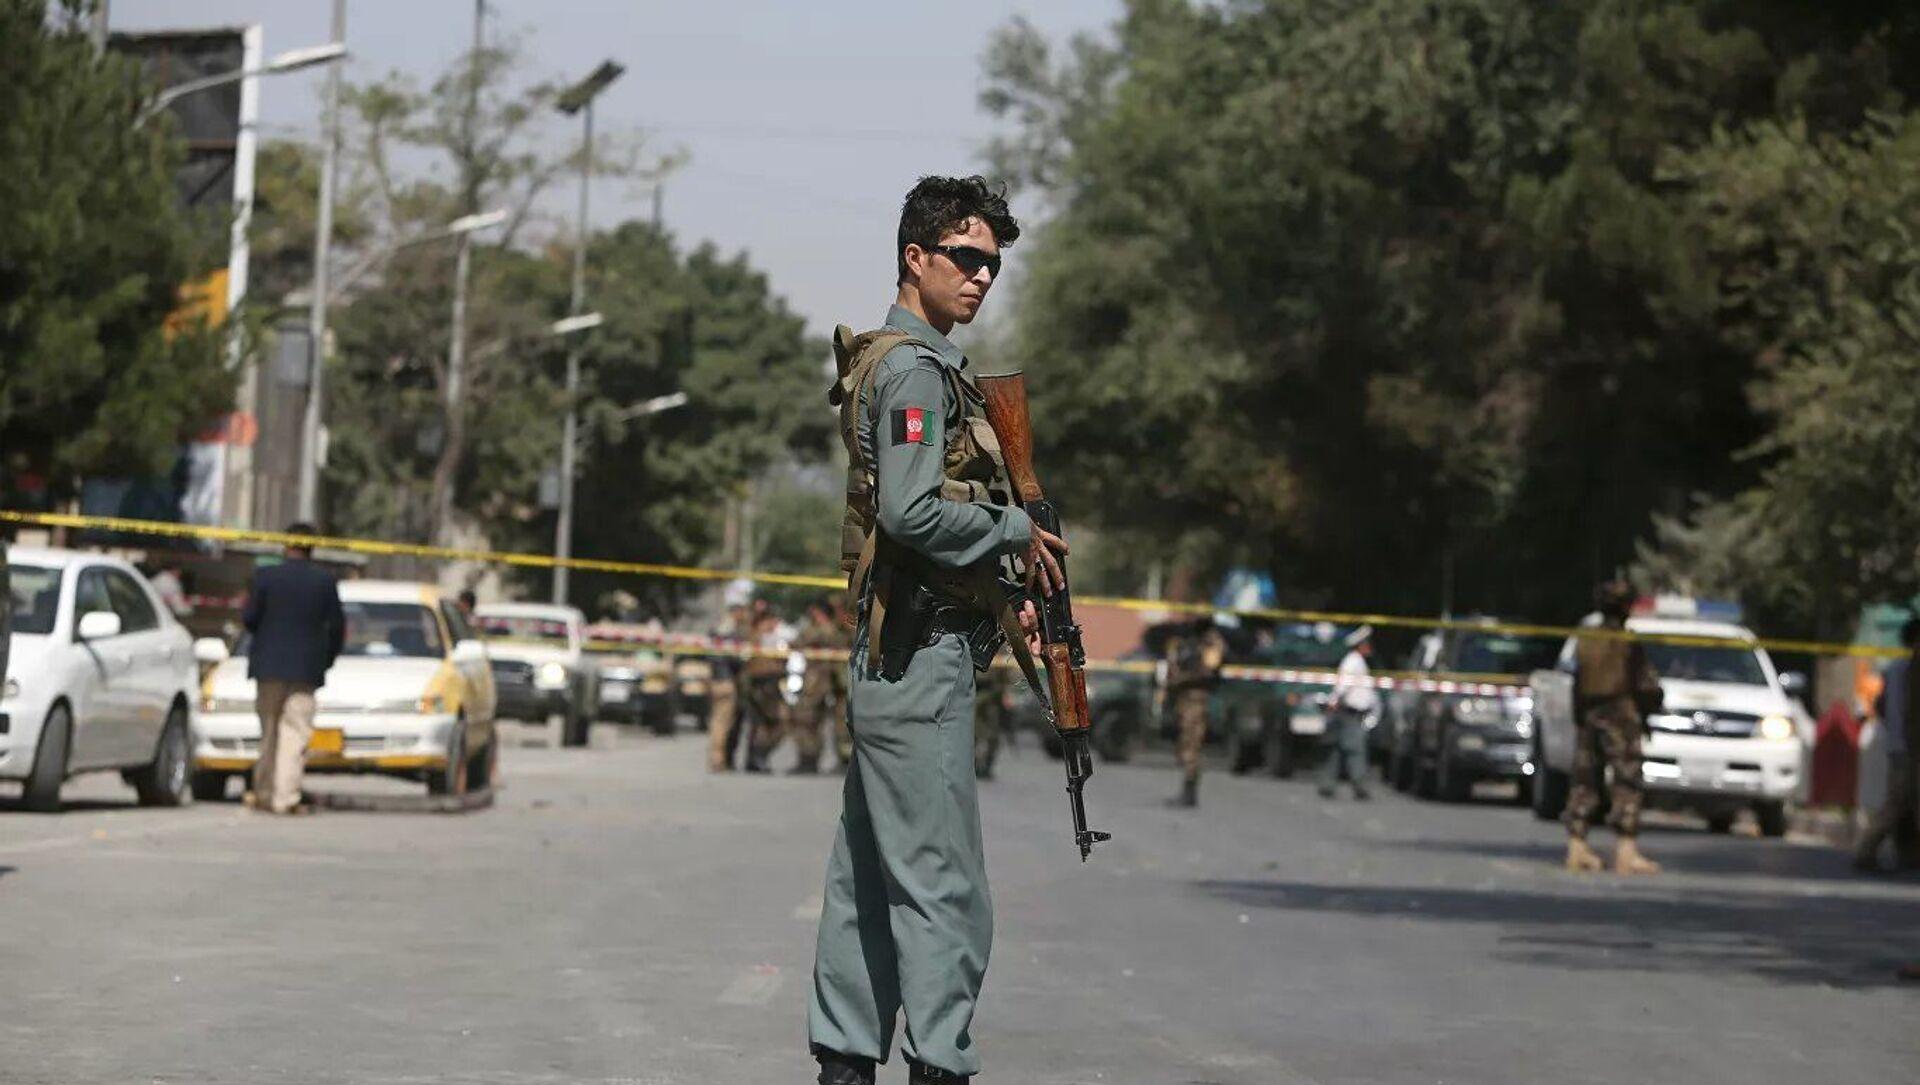 Место взрыва у посольства США в Кабуле, Афганистан - Sputnik Азербайджан, 1920, 07.08.2021